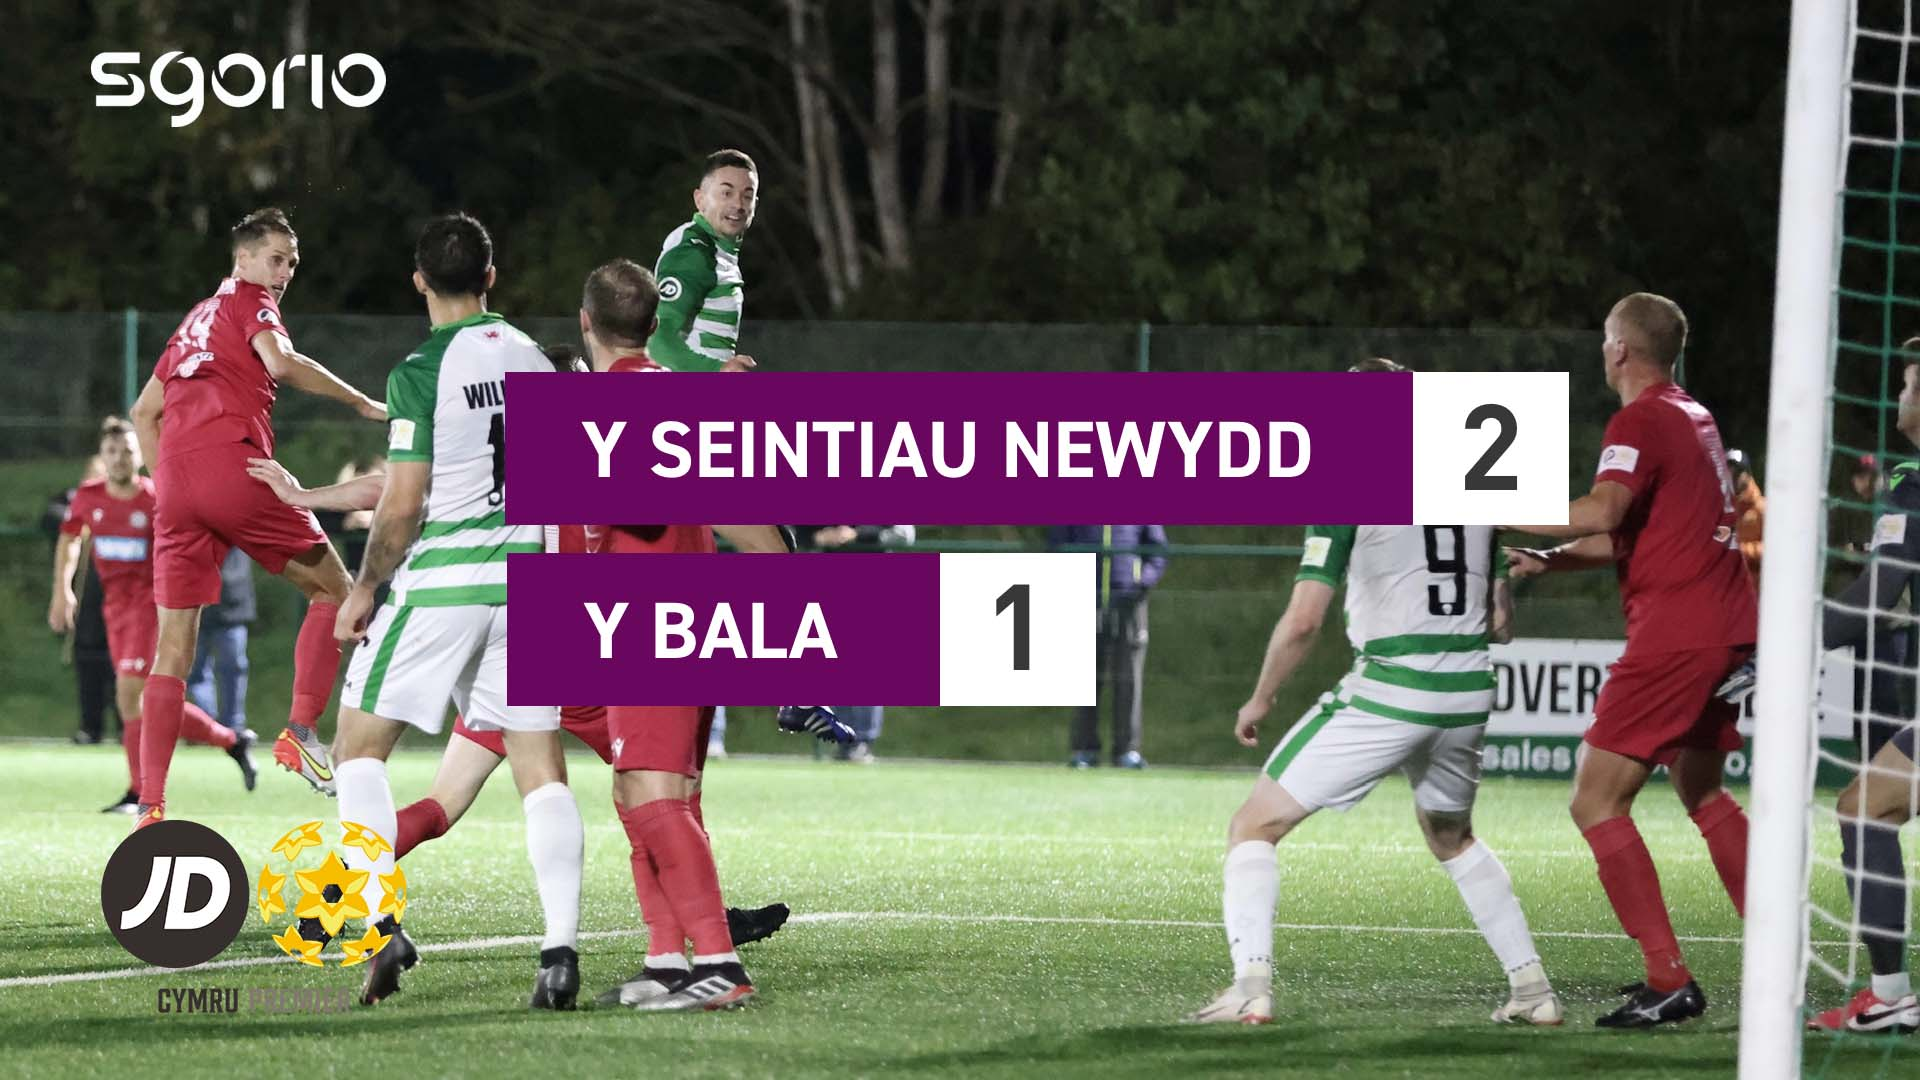 Y Seintiau Newydd 2-1 Y Bala